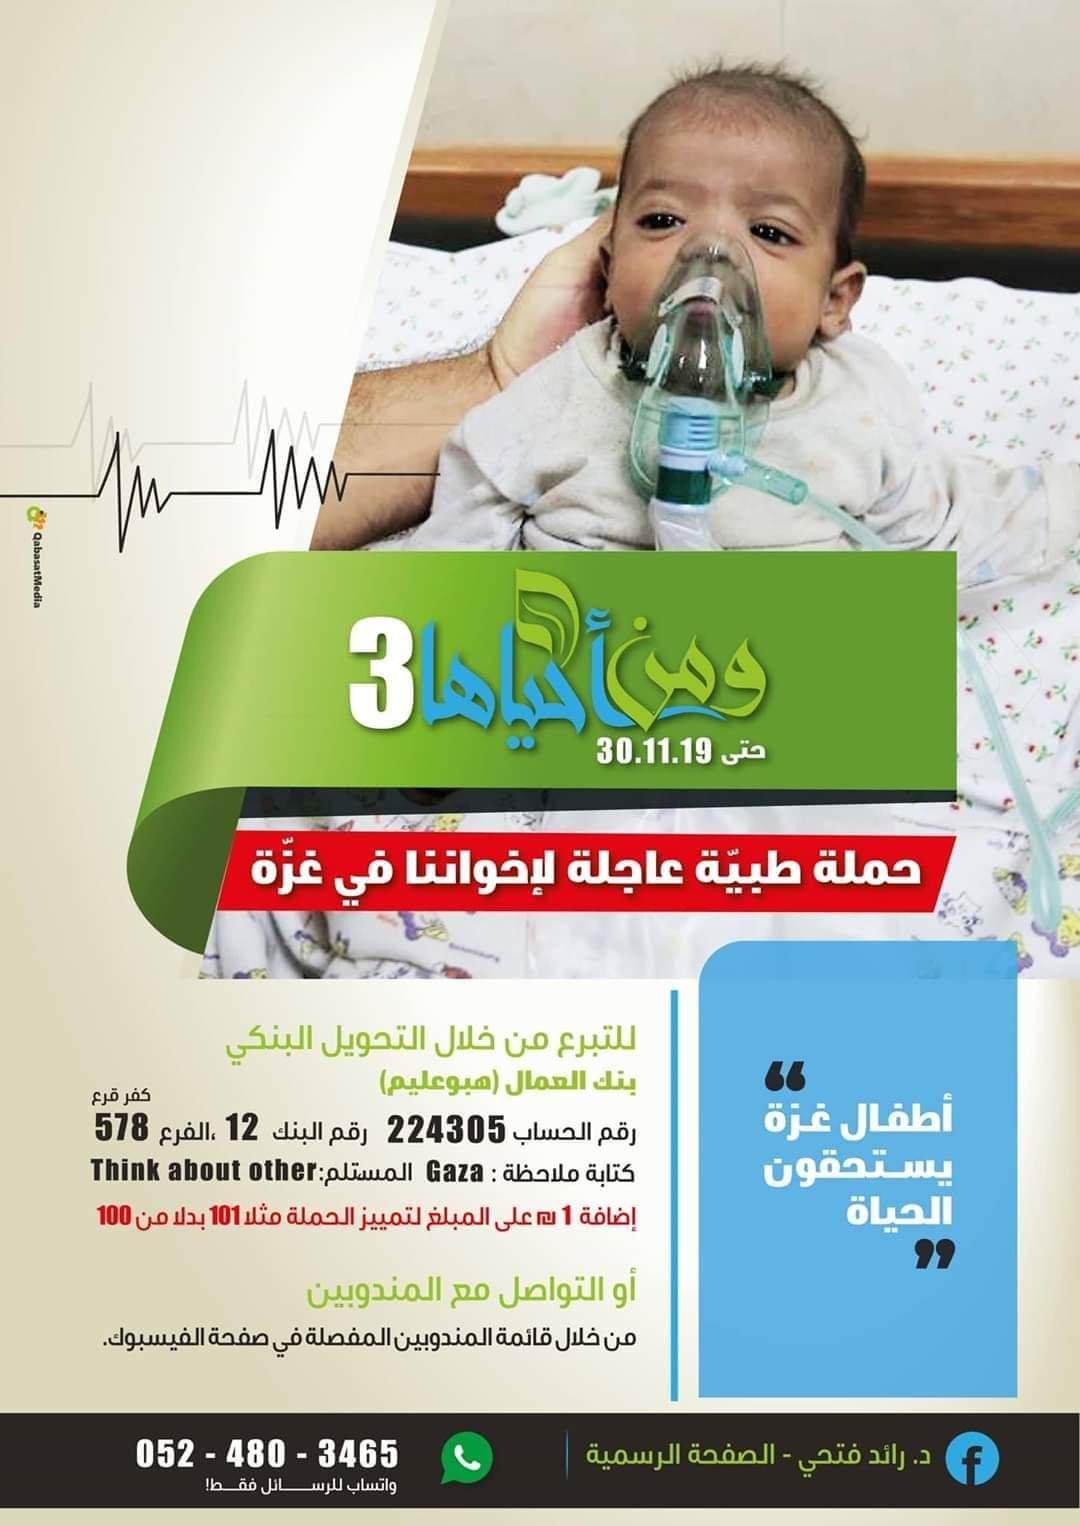 بعد العدوان الأخير على غزة إطلاق حملة ومن أحياها الثالثة